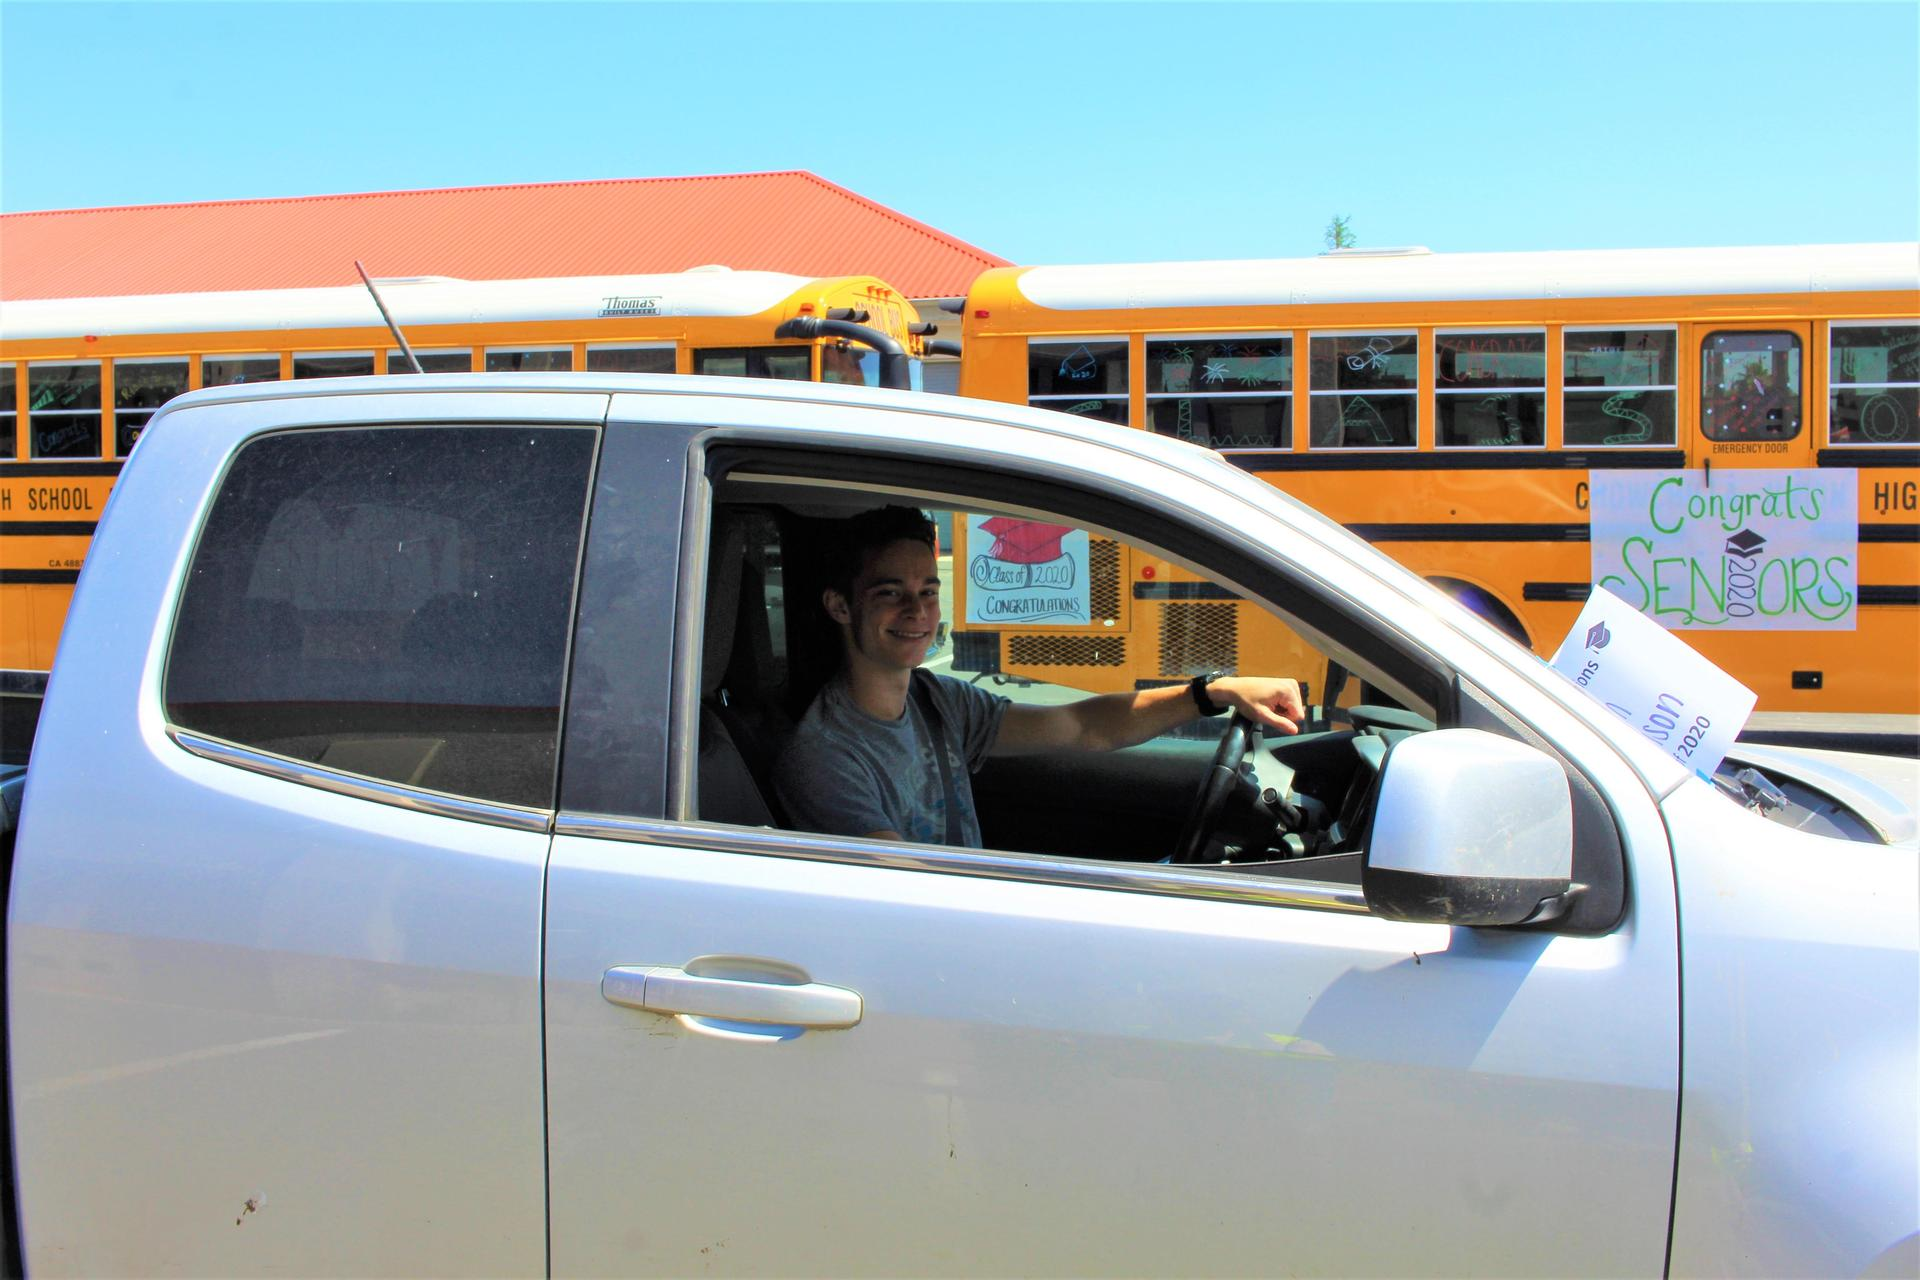 Dylan Tomlinson driving through